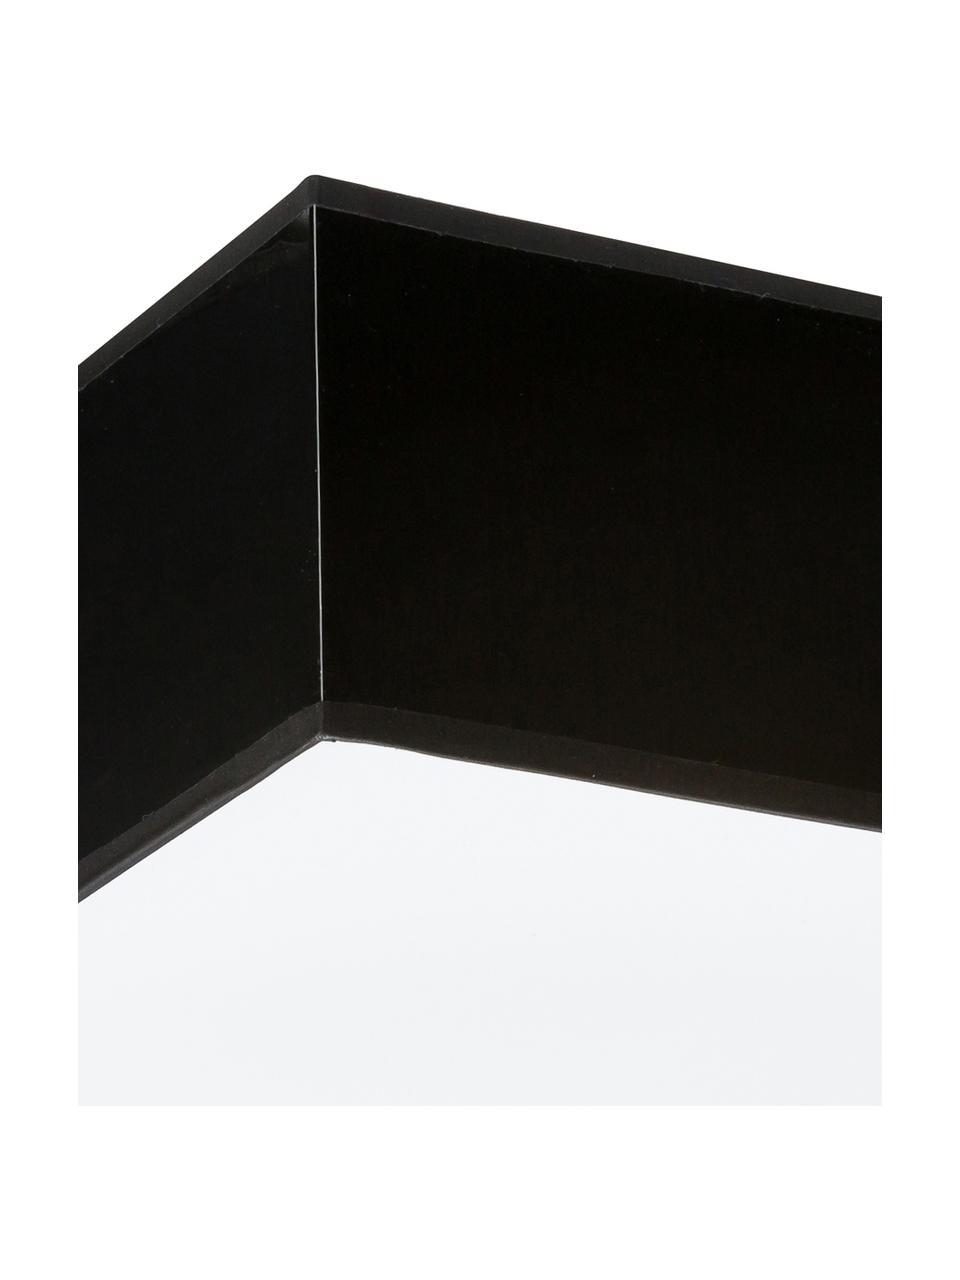 Moderne Deckenleuchte Mitra, Lampenschirm: Kunststoff, Diffusorscheibe: Kunststoff, Rahmen: Schwarz Diffusor: Weiß, 35 x 12 cm